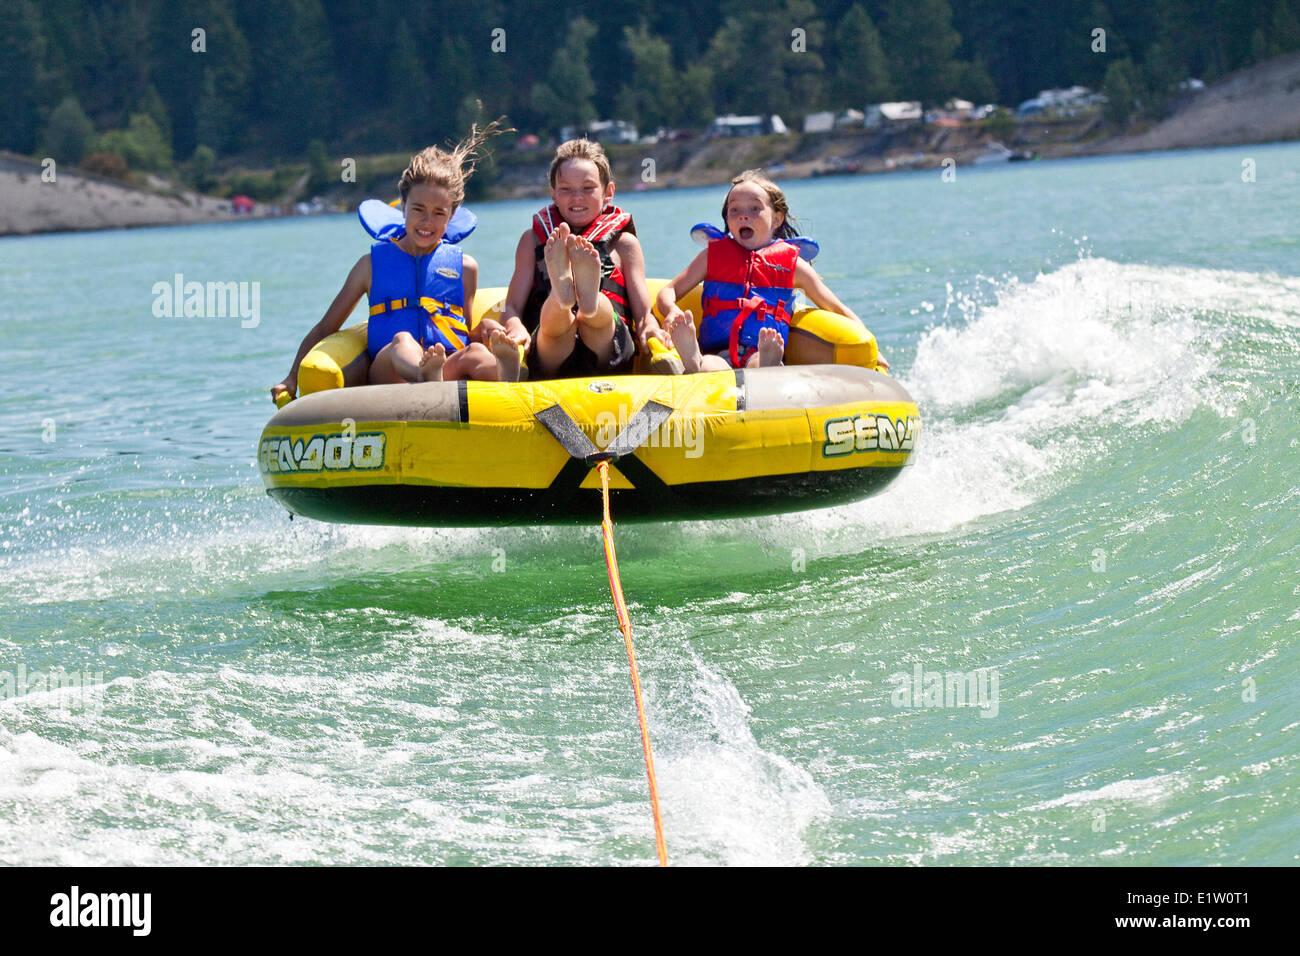 Tres niños disfrutan de los tubos en el Lago Koocanusa, East Kootenays, BC, Canadá. Imagen De Stock